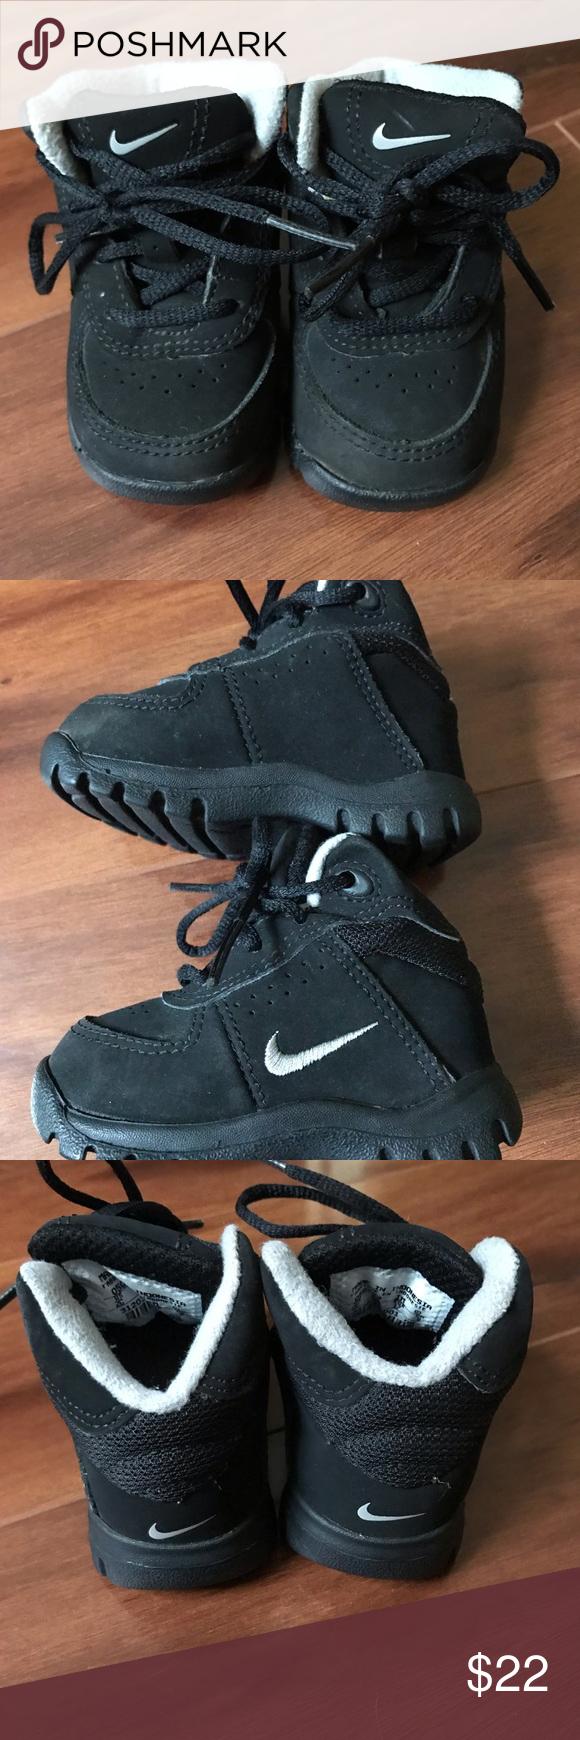 Size 2C Baby Shoes Infant Nike athletic